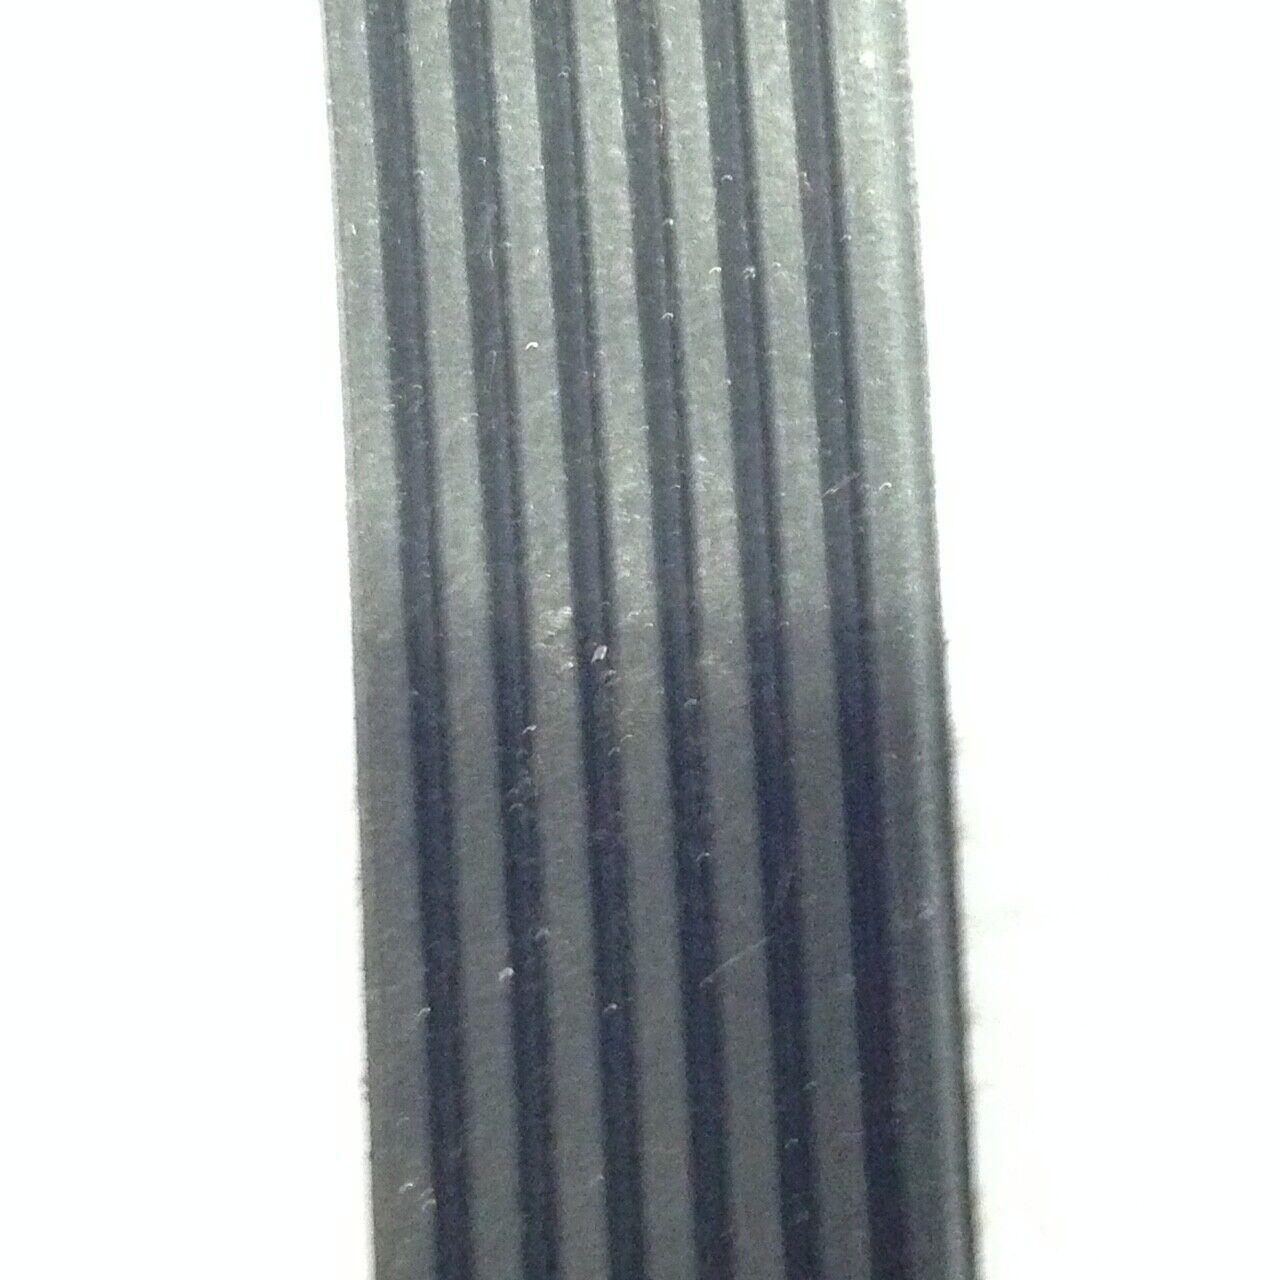 T8 Antriebsriemen Tunturi Sitzergometer Ergometer T 8